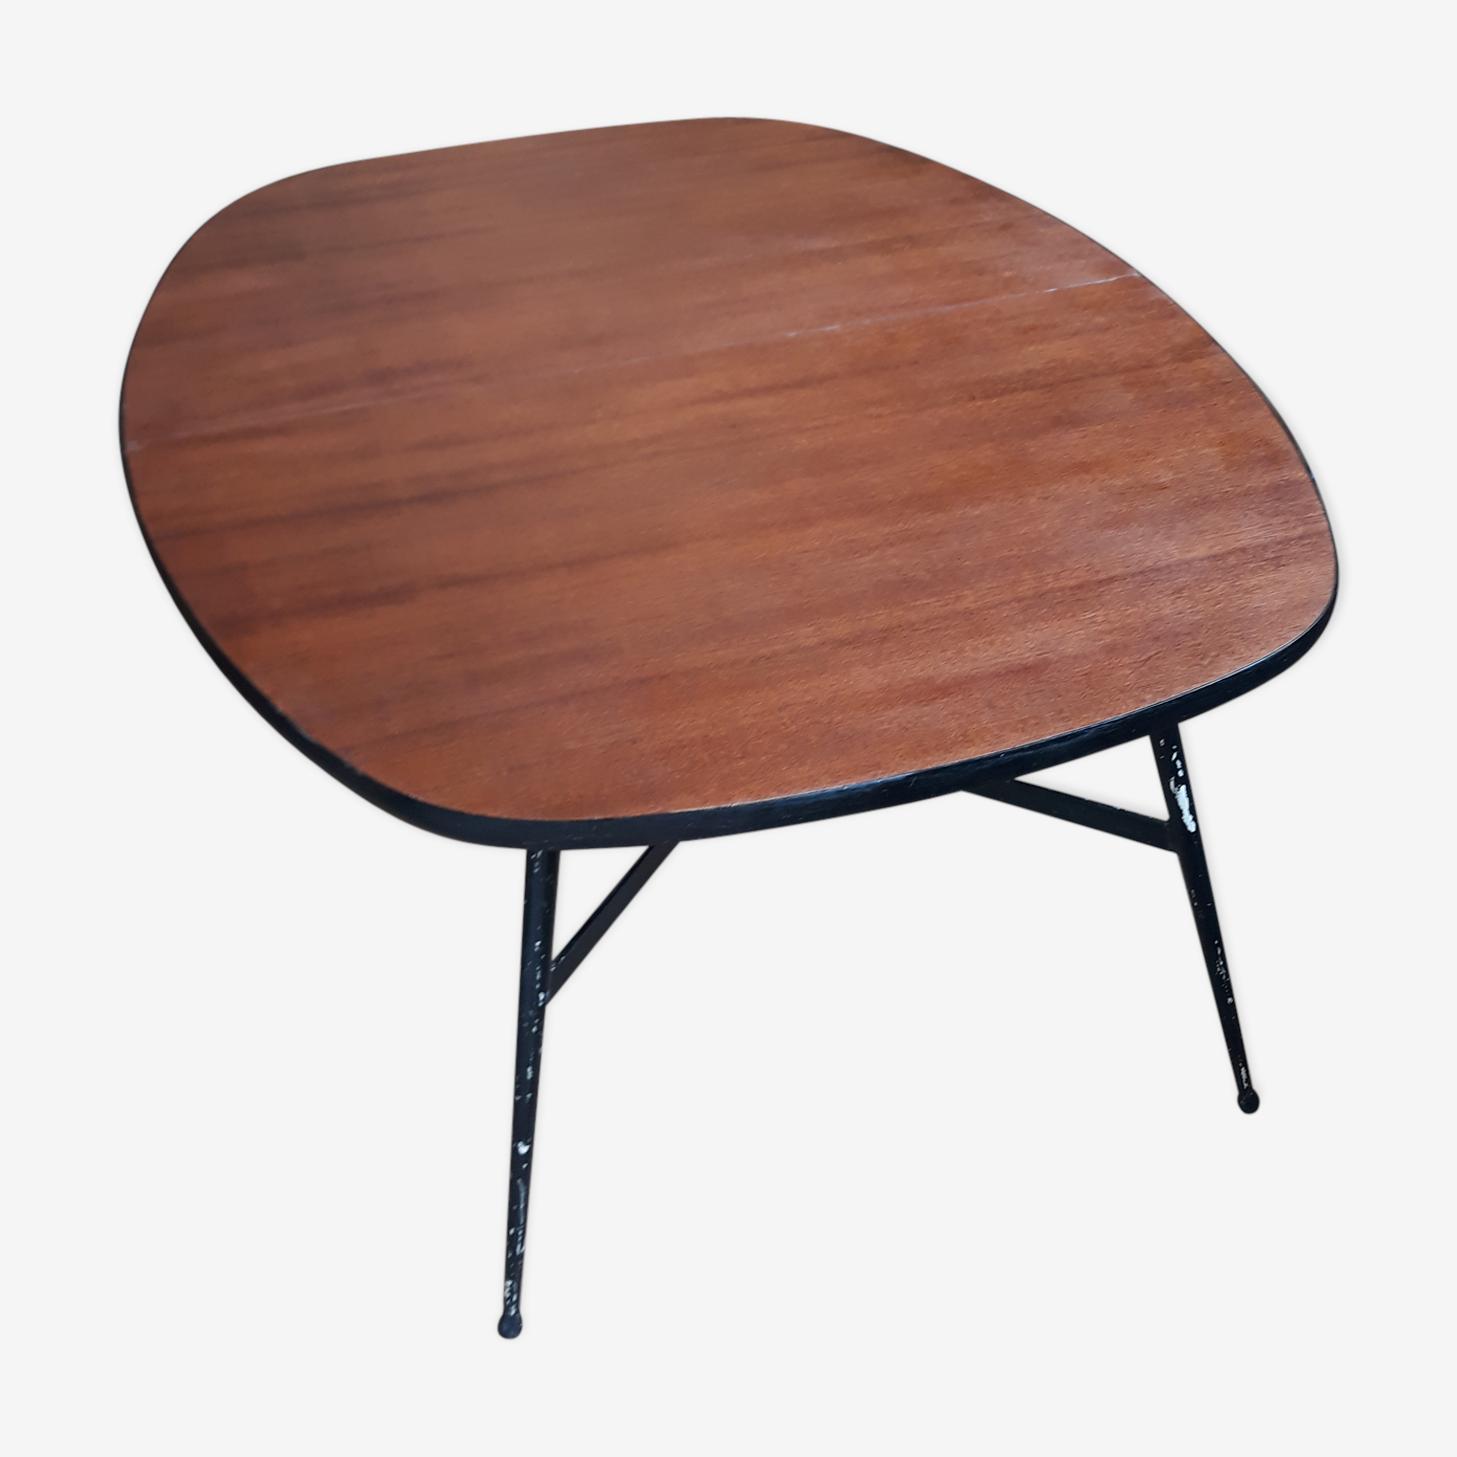 Table monte et baisse en bois et métal